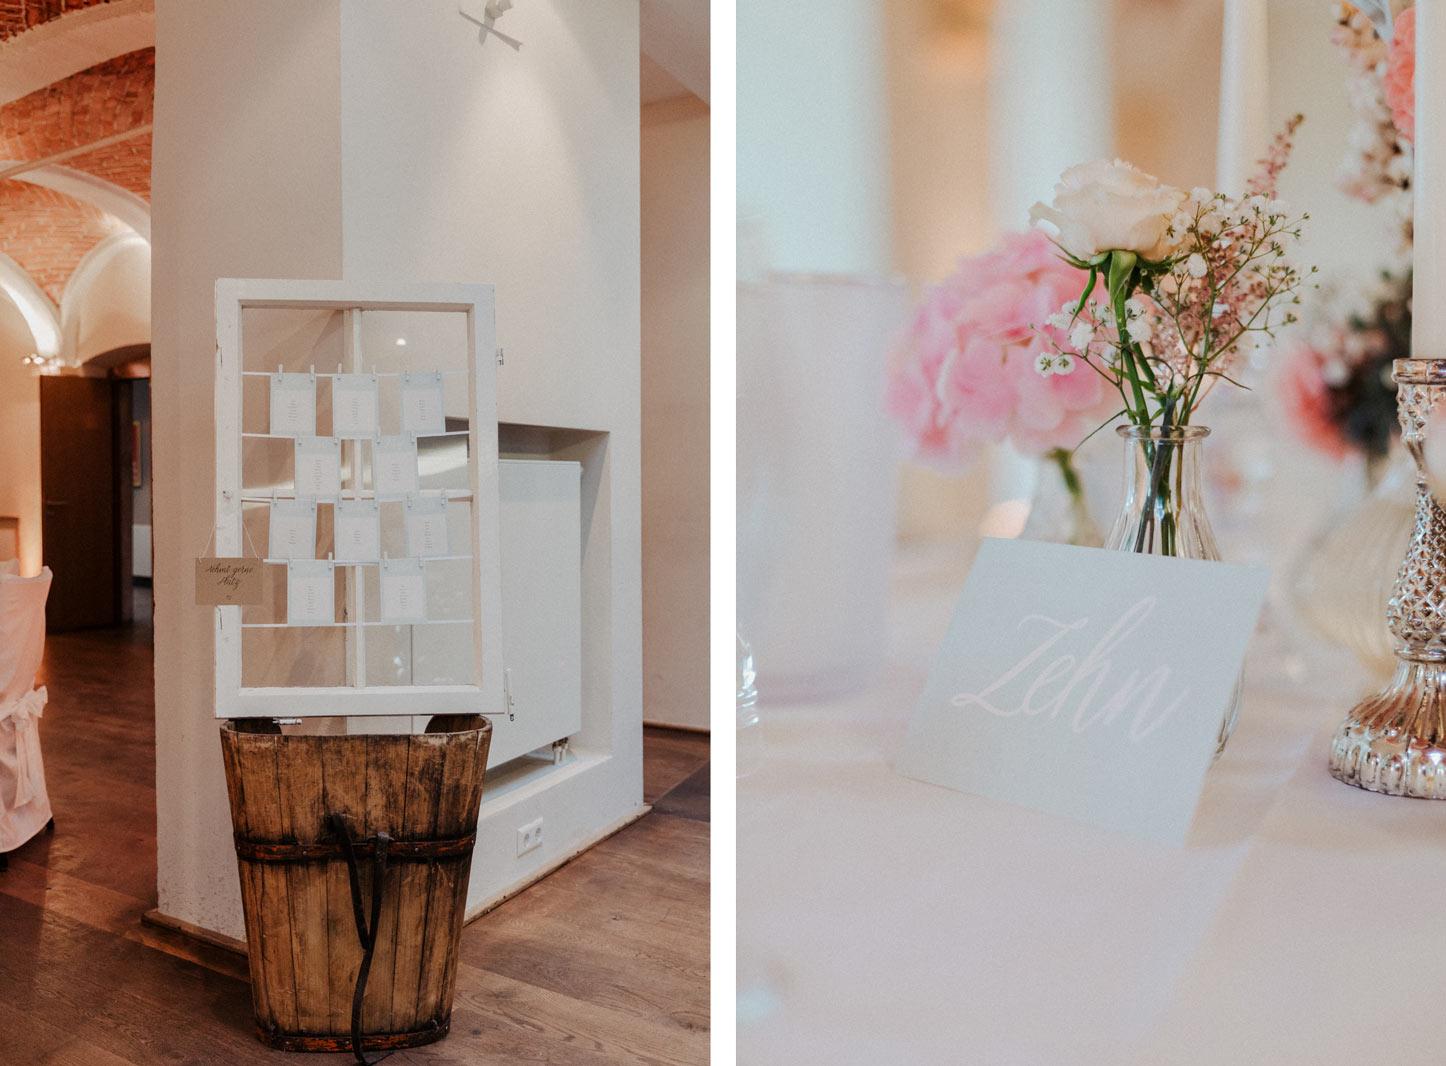 Fenster als Platzkarten Halter zur Hochzeit